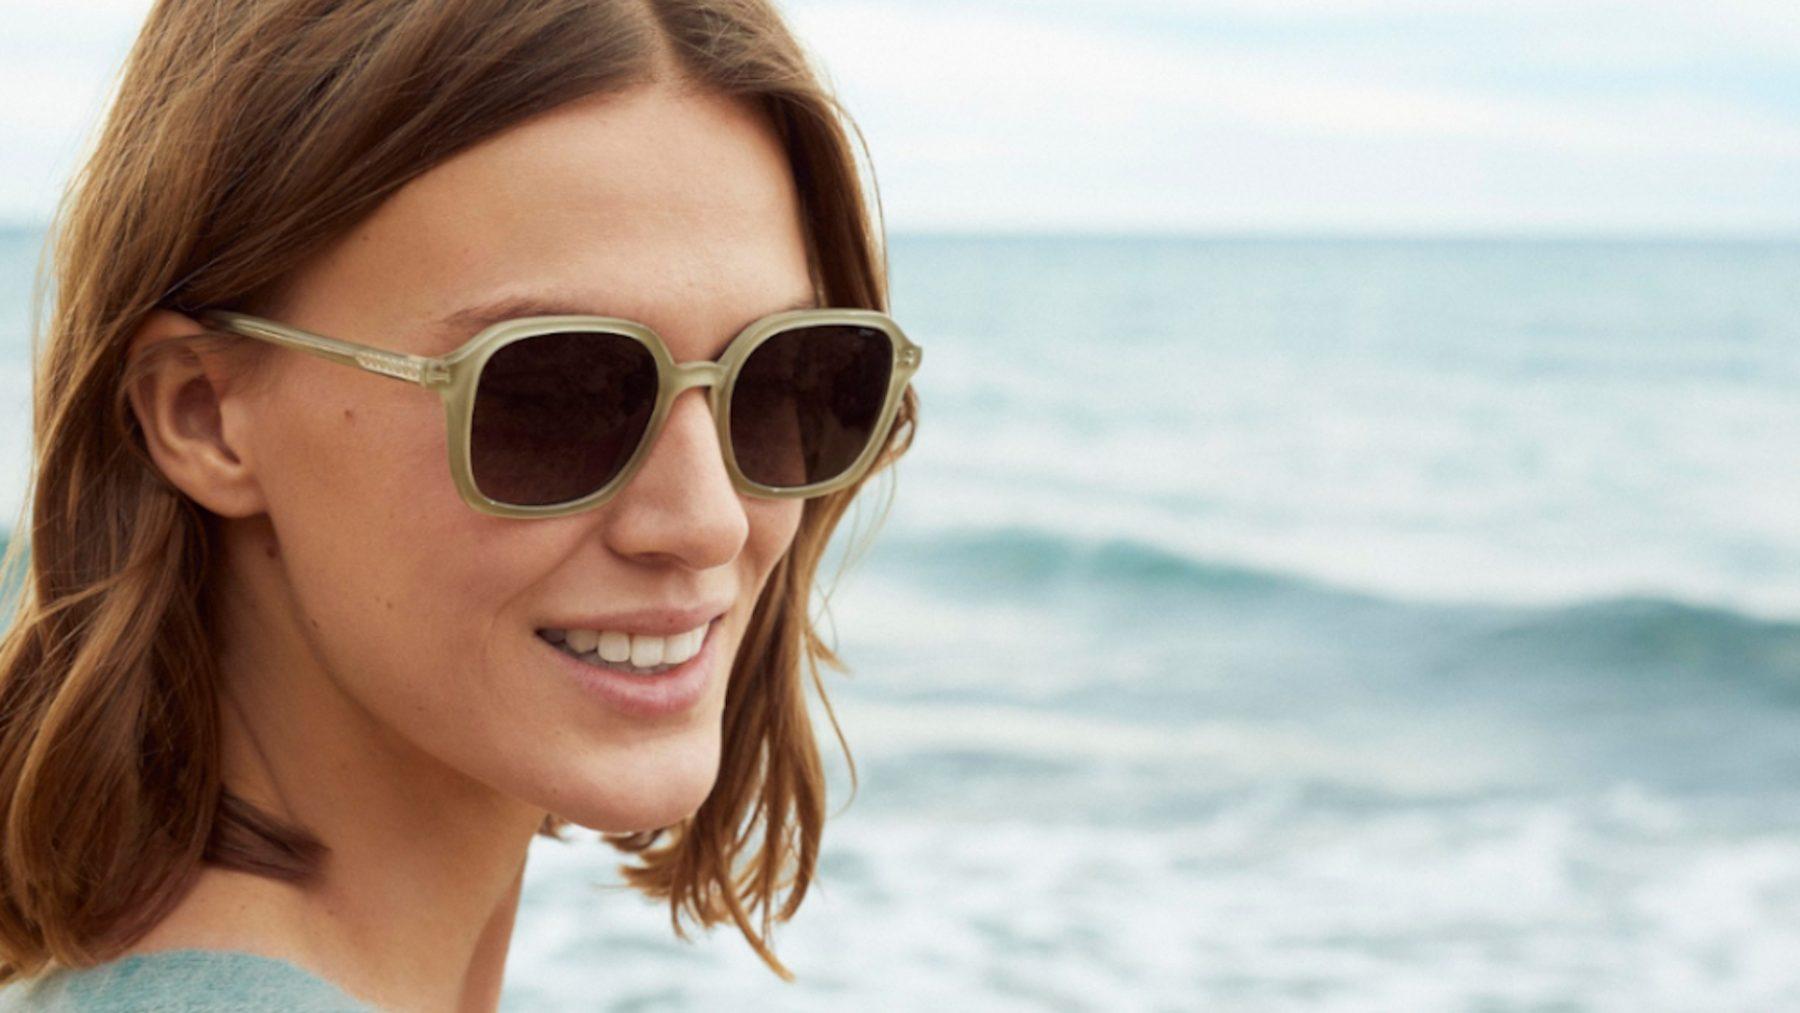 De nieuwe lente-zomercollectie van Esprit eyewear